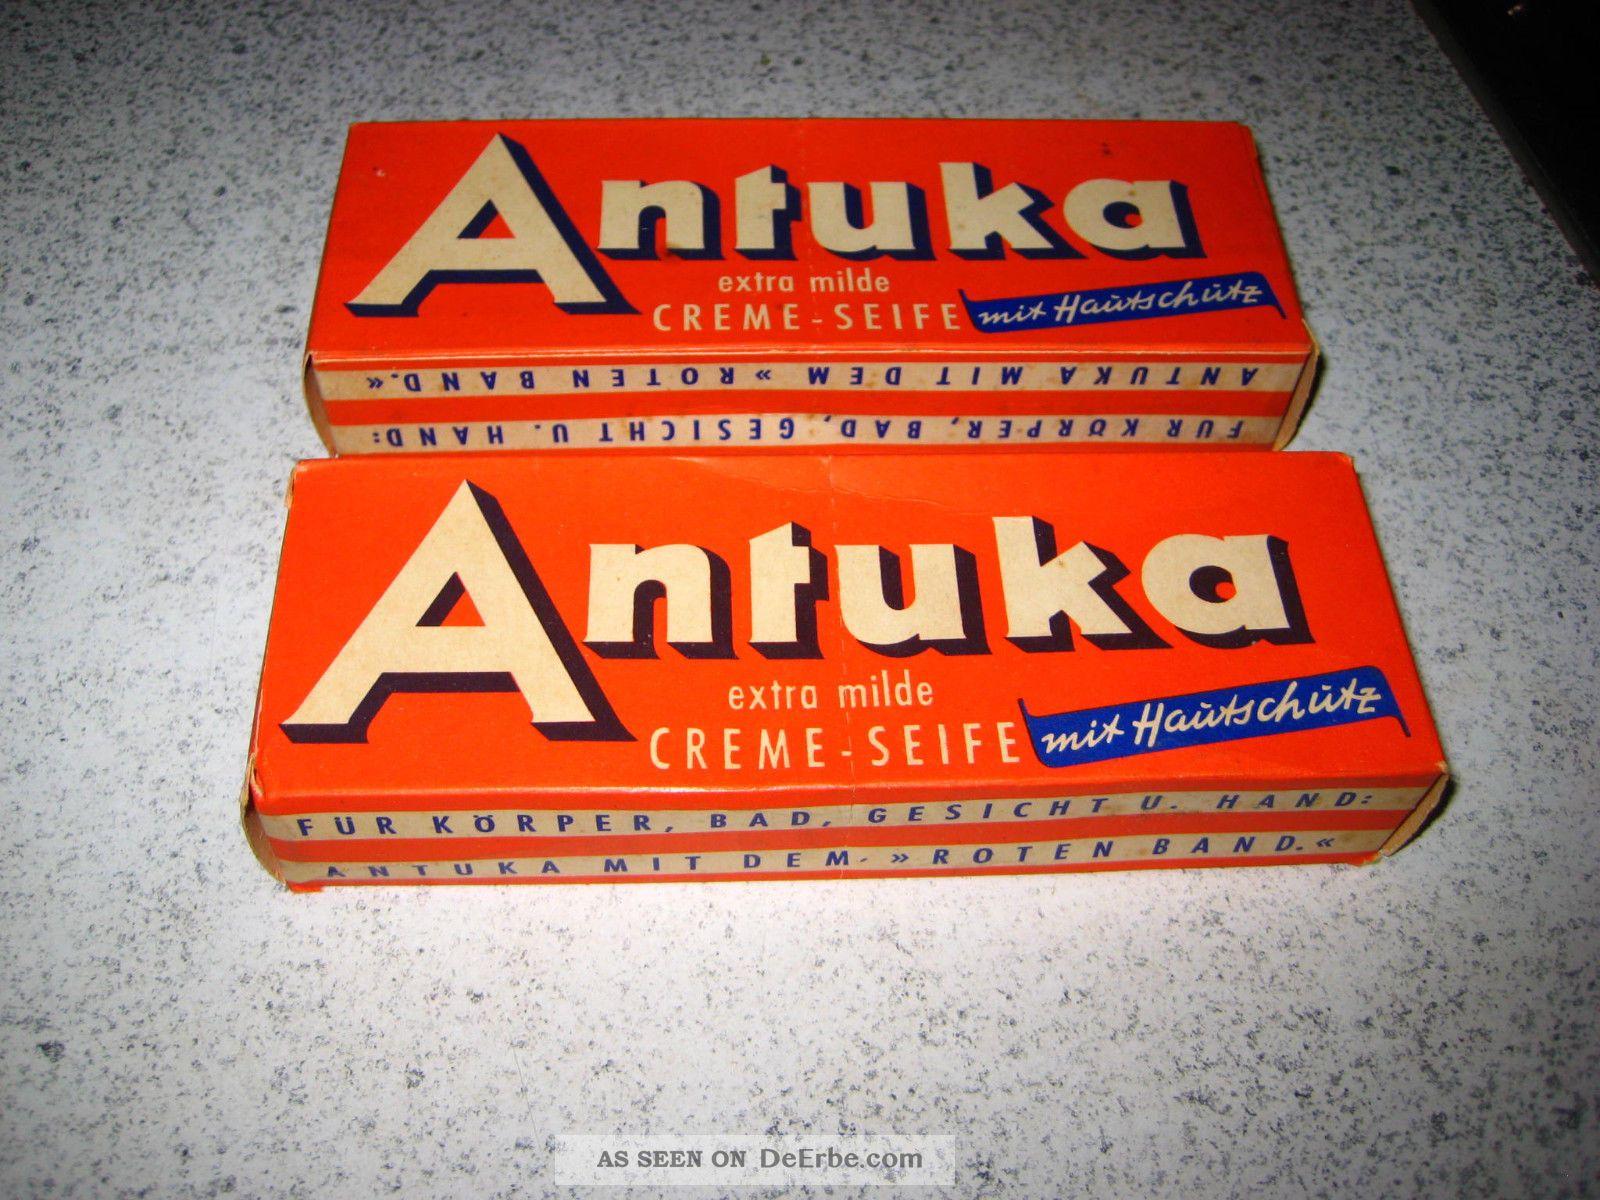 Schöne Alte Packung Mit Seife.  Antuka Creme - Seife.  Tante - Emma - Laden Kaufleute & Krämer Bild